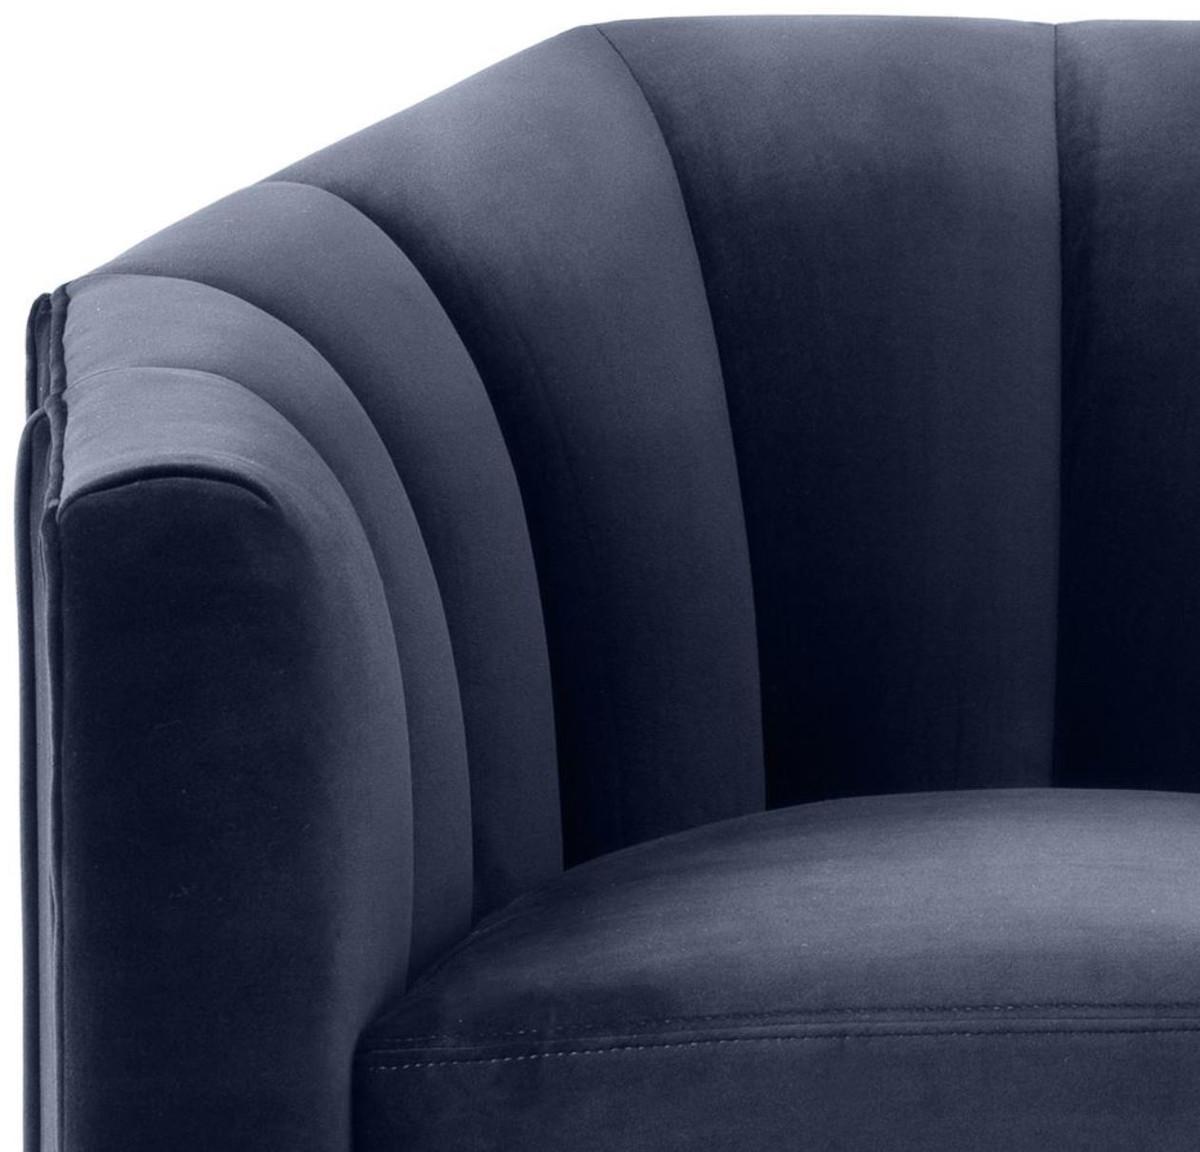 Casa Padrino Luxus Drehsessel Mitternachtsblau 84 x 85 x H. 77 cm - Wohnzimmer Sessel 5